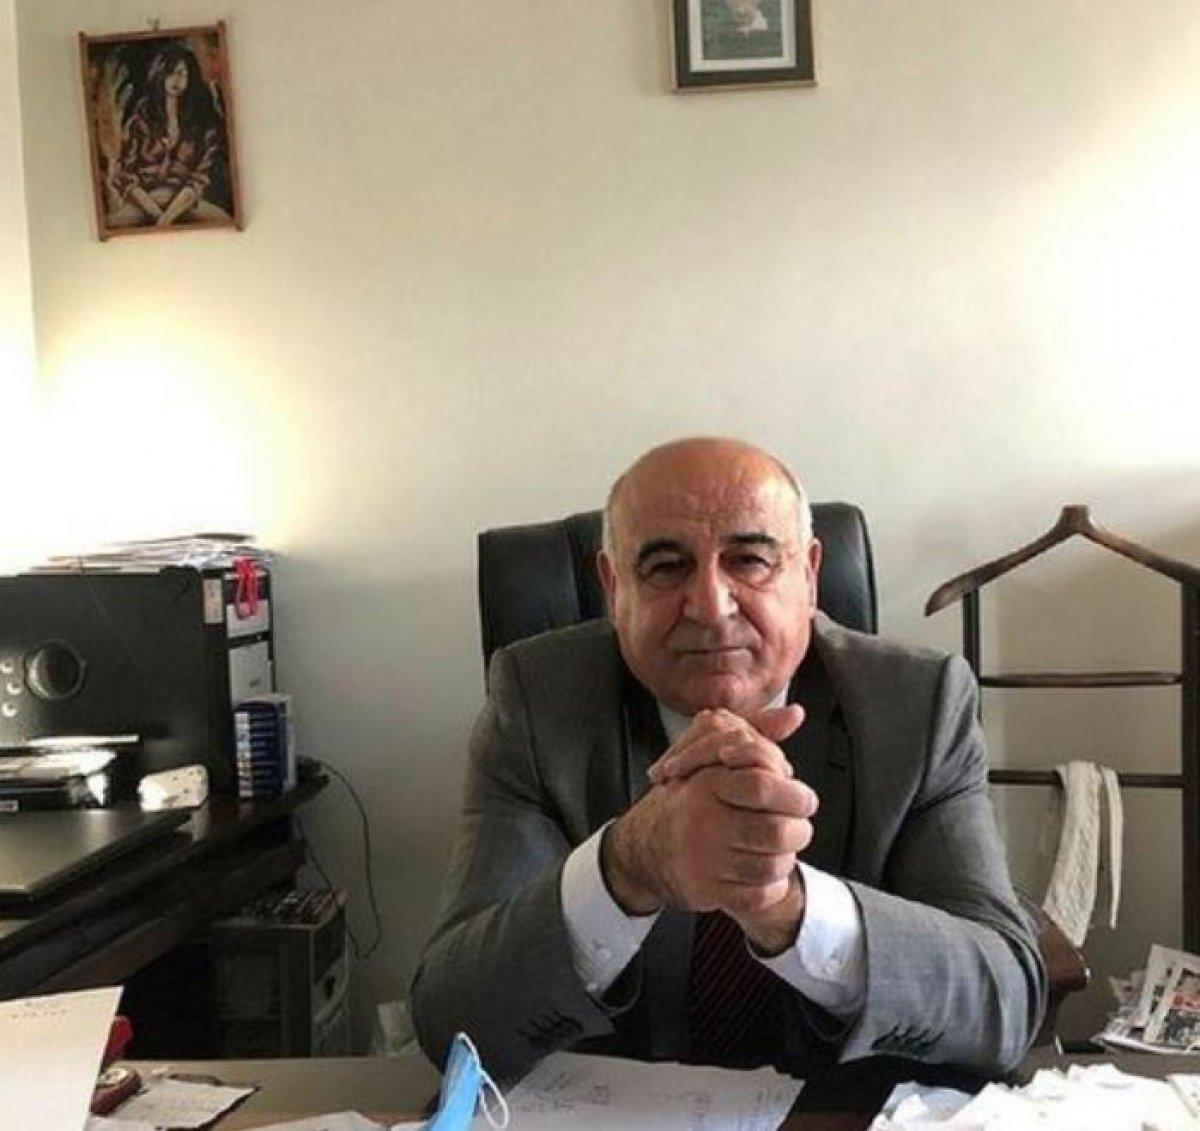 Başörtülü hekime hakaret eden CHP'liye hapis istemi #3